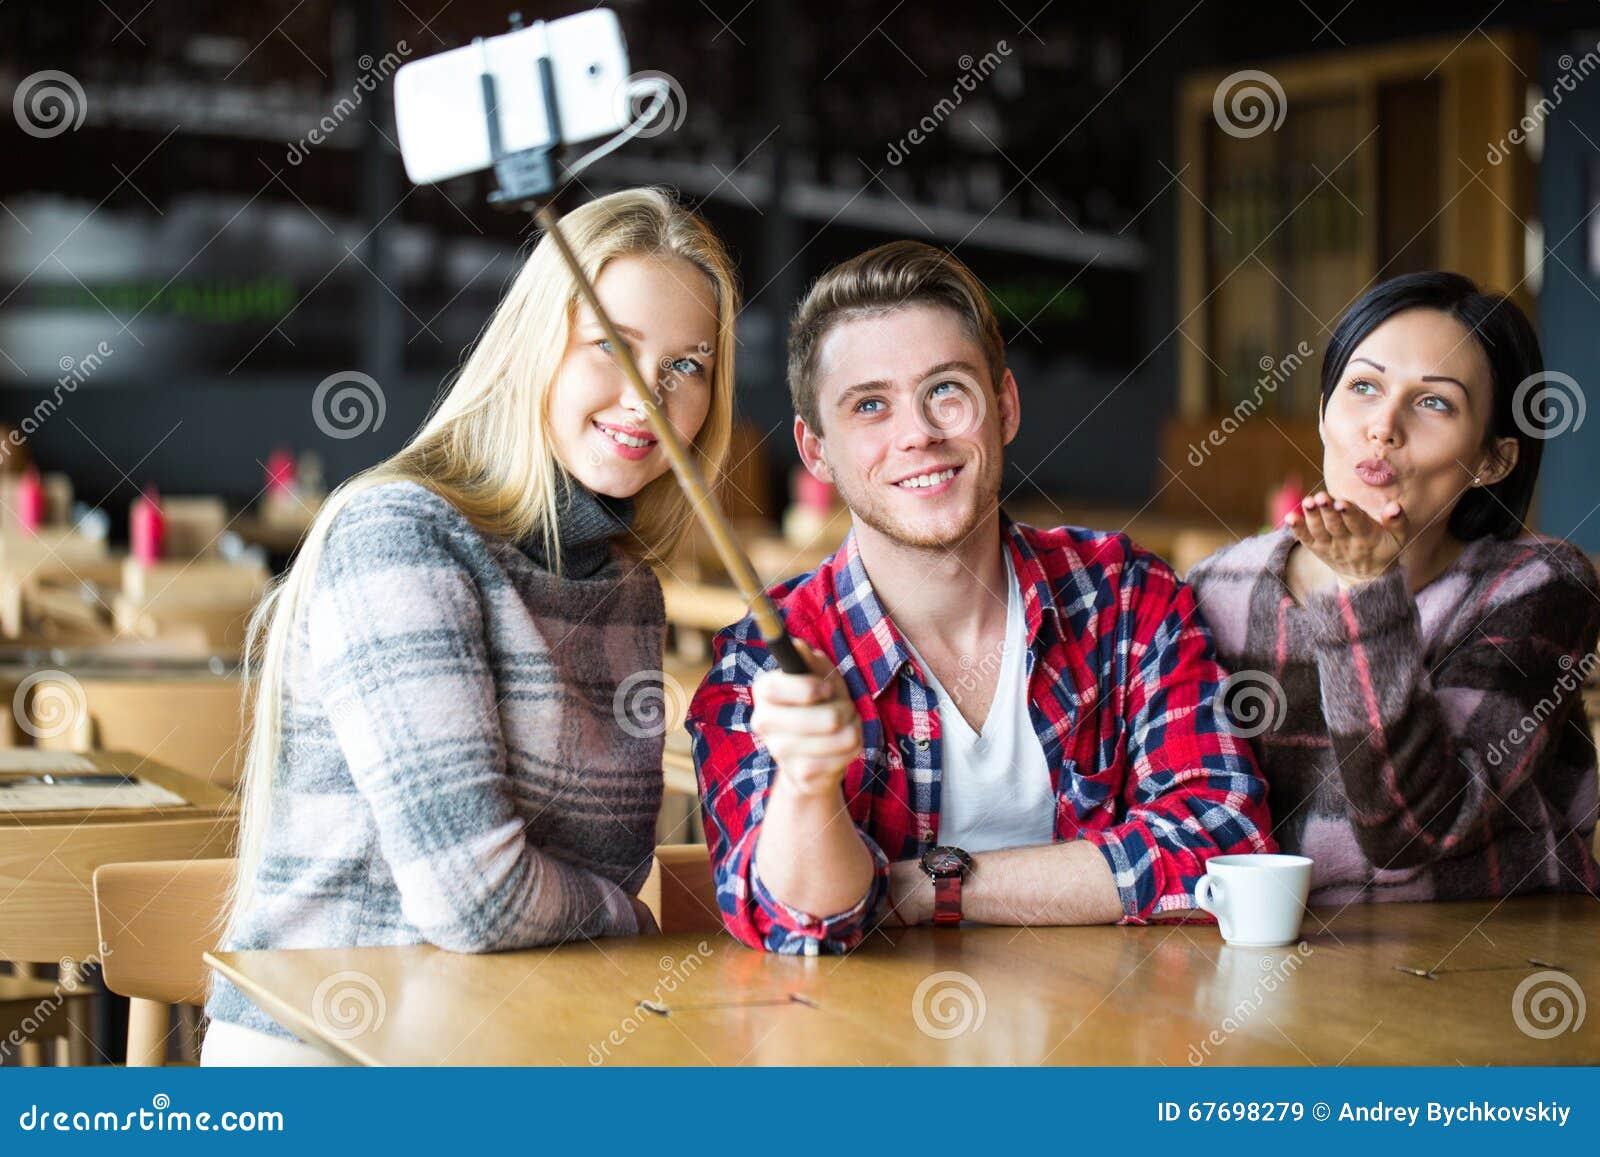 Студенты и девушки фото 230-885